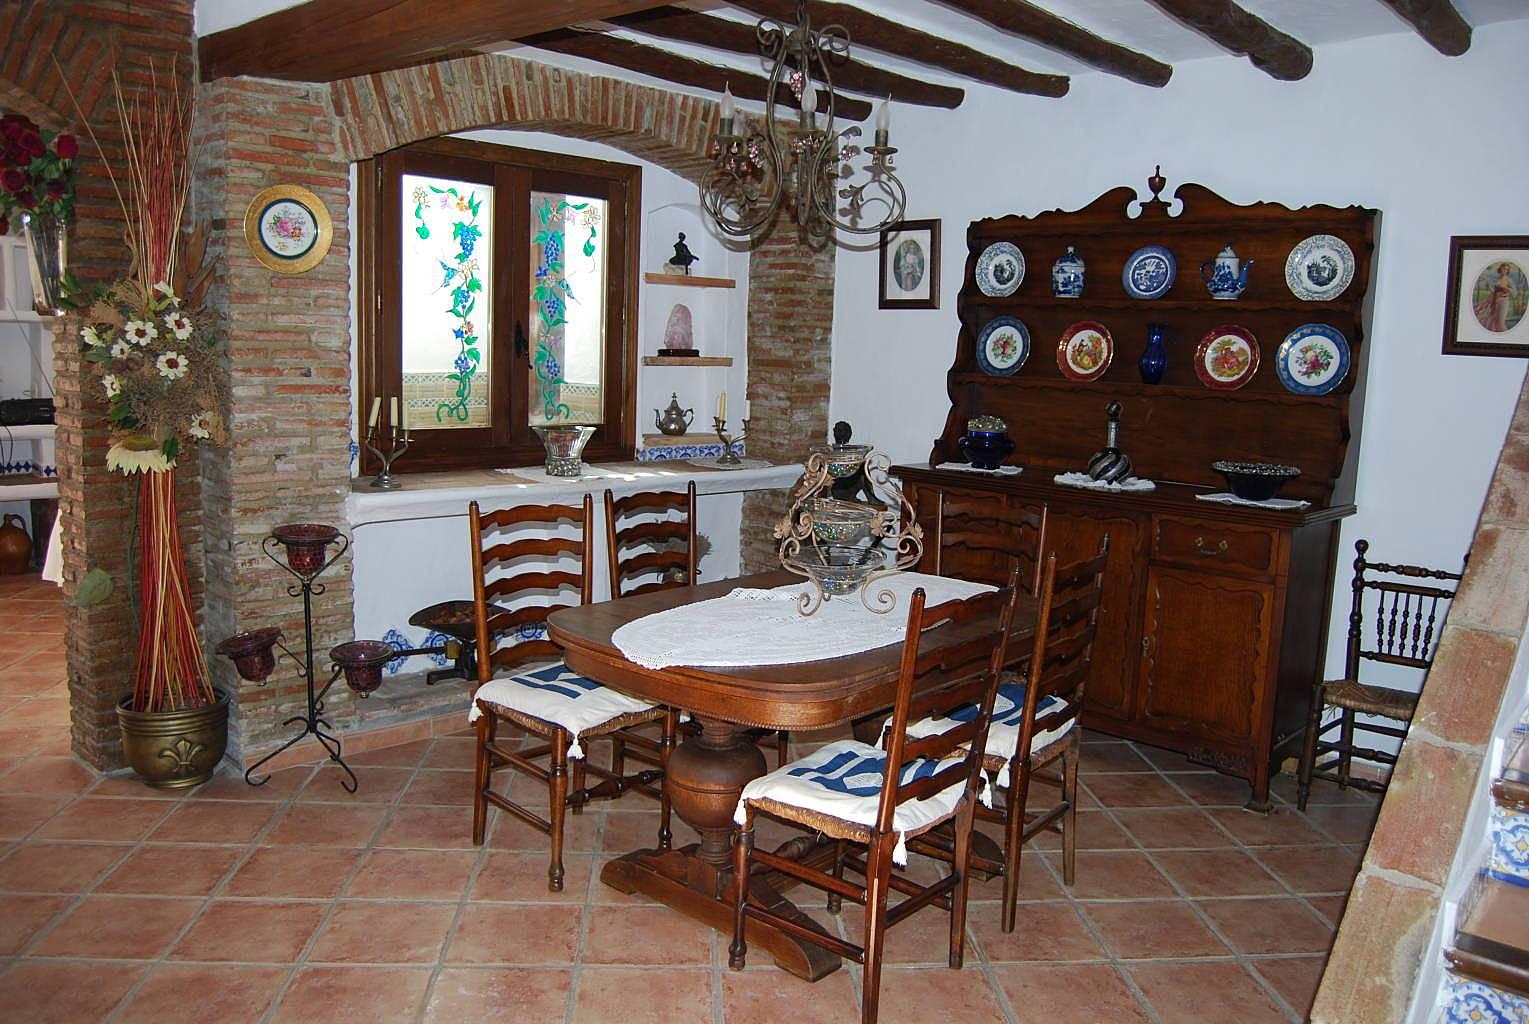 Casa en alquiler a 100 m de la playa estepona m laga - Alquiler casa vacaciones malaga ...